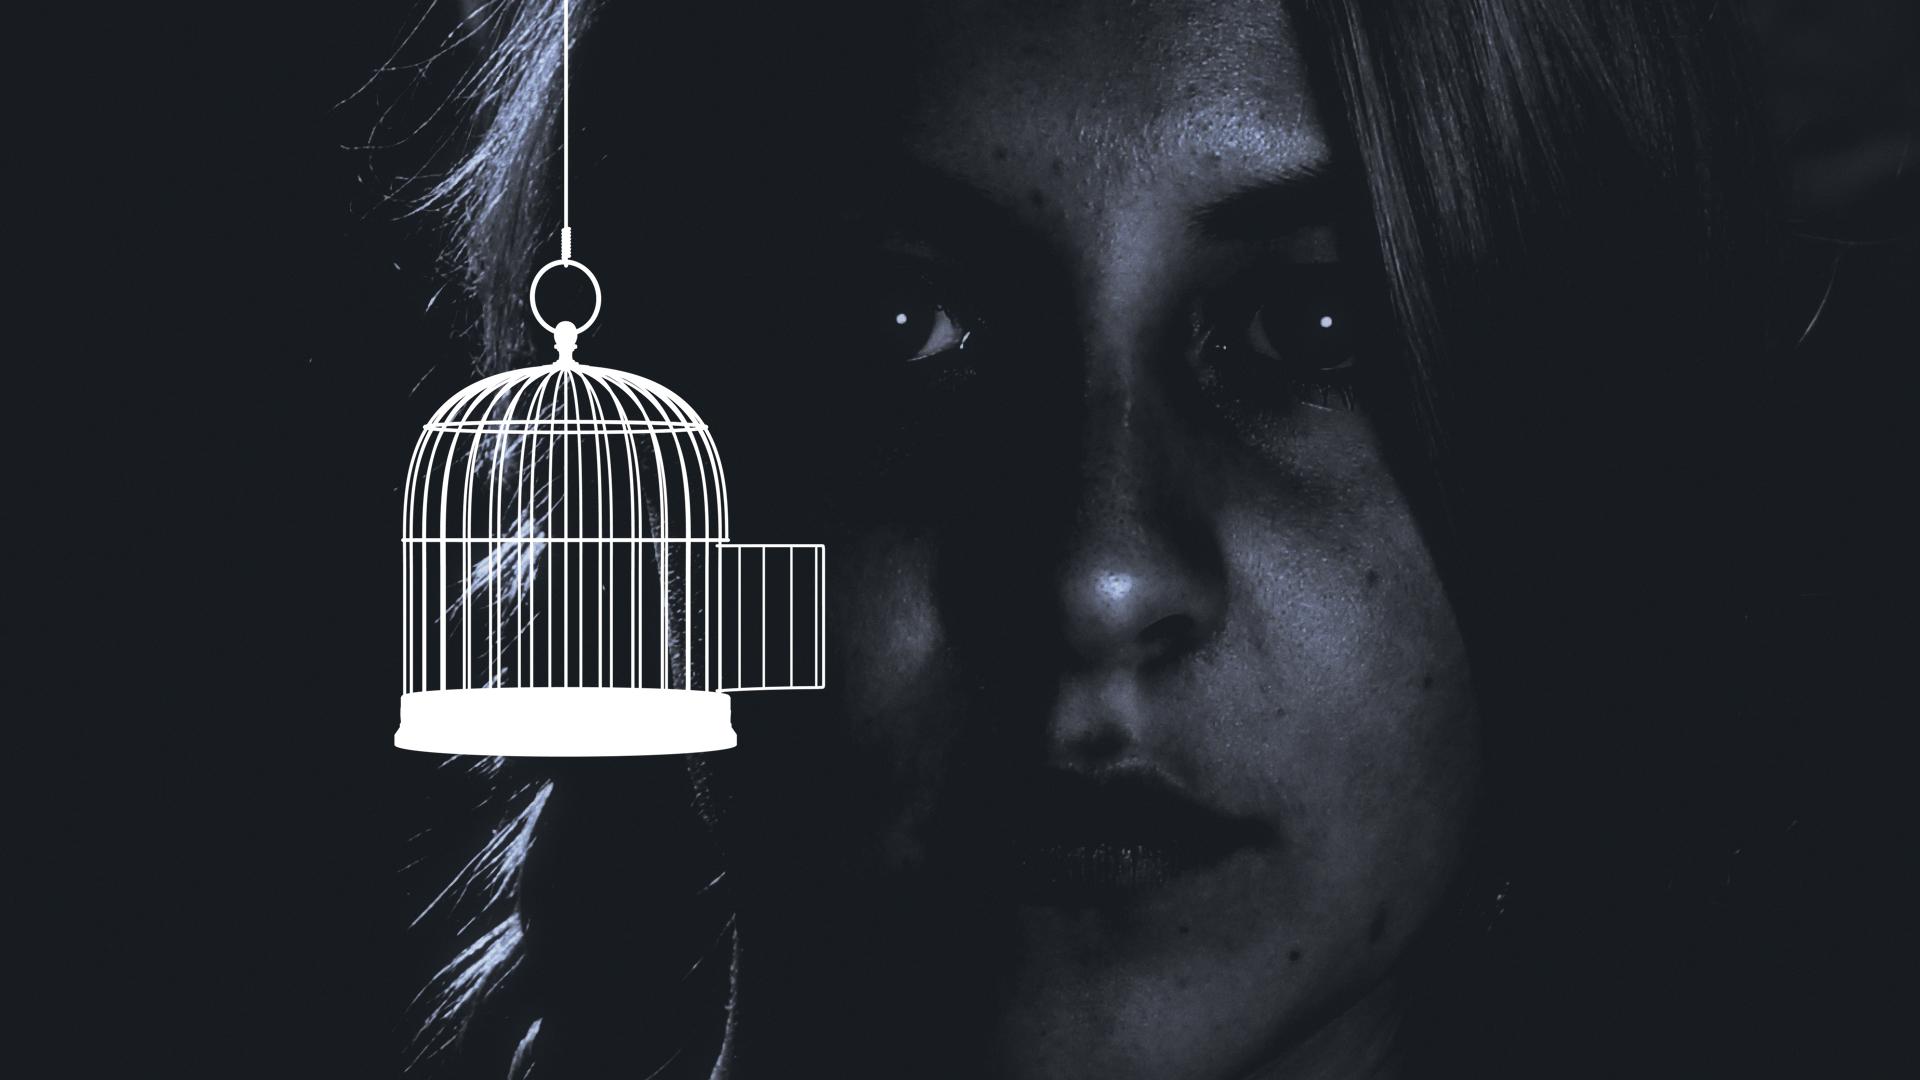 birdcage_spin_white (0-00-16-20).jpg